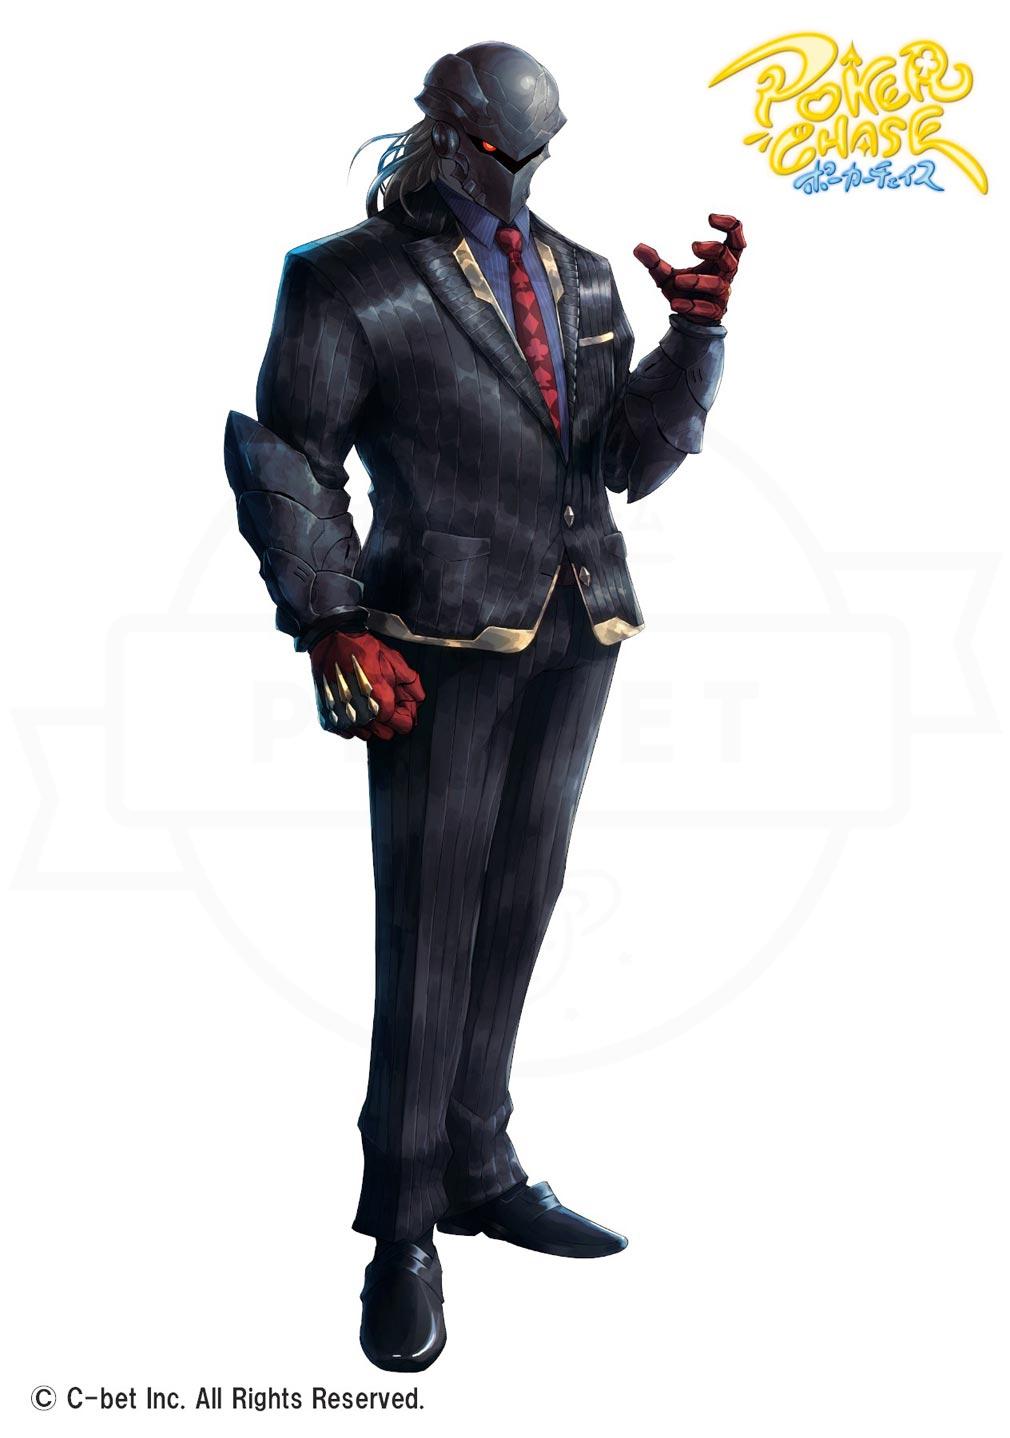 ポーカーチェイス(ポカチェ) キャラクター『ジェイムズ・サンドマン』紹介イメージ